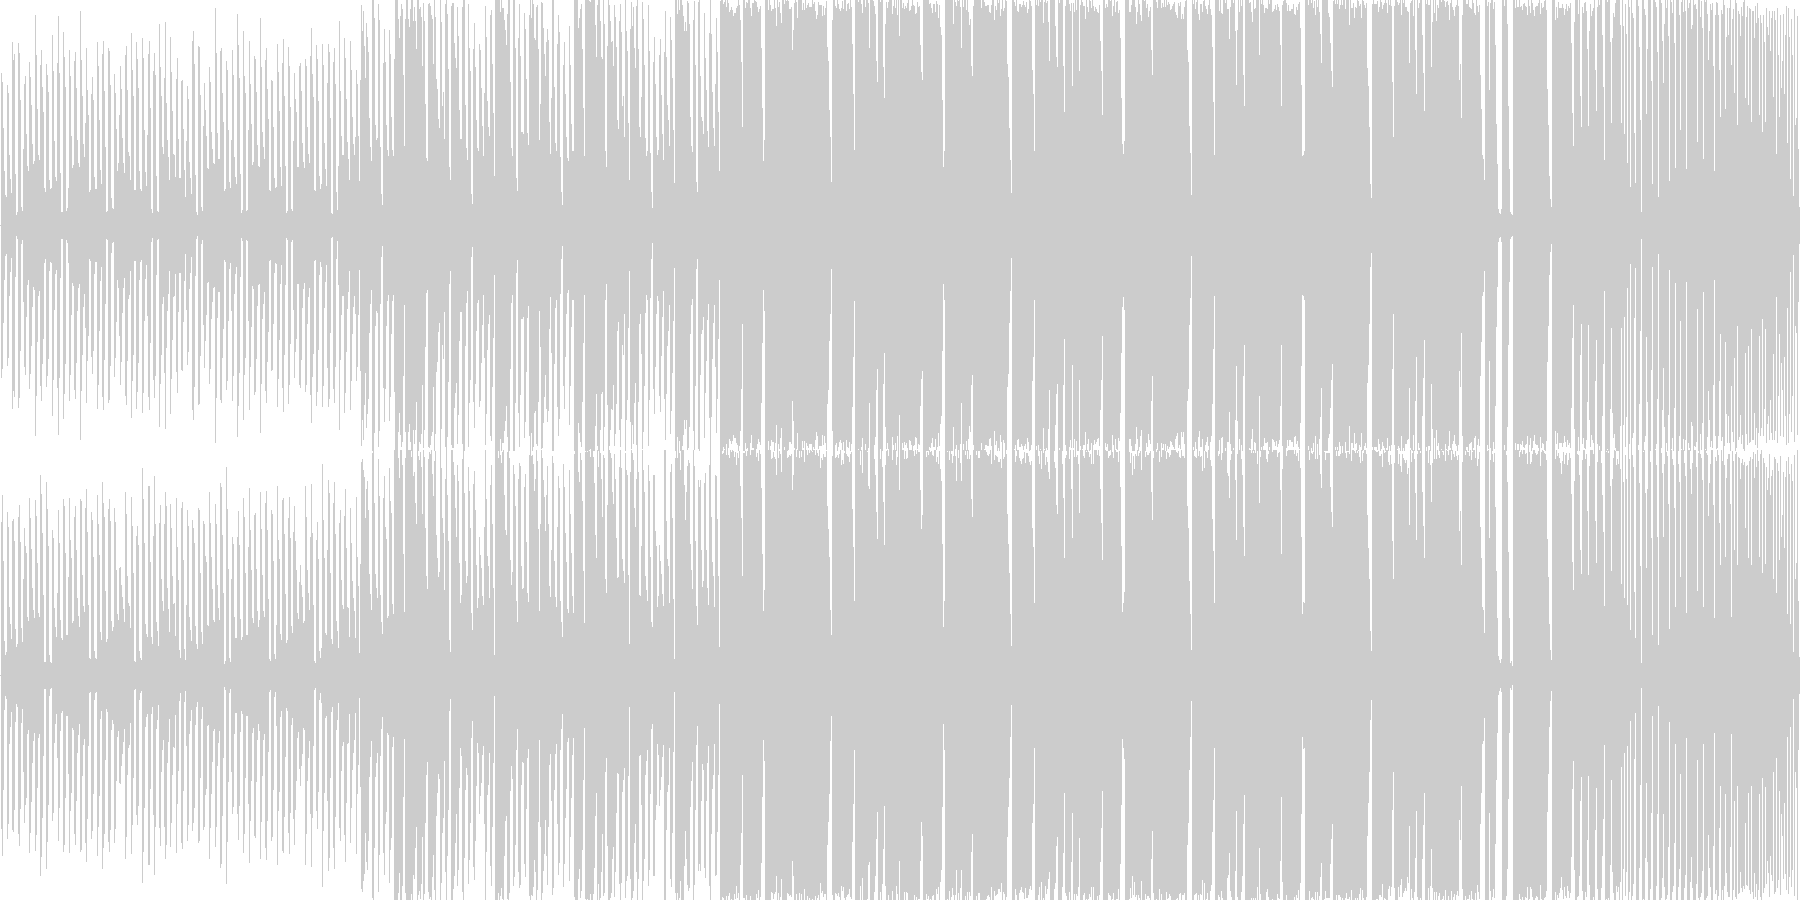 【ポップでキュートなダブステップ】の未再生の波形